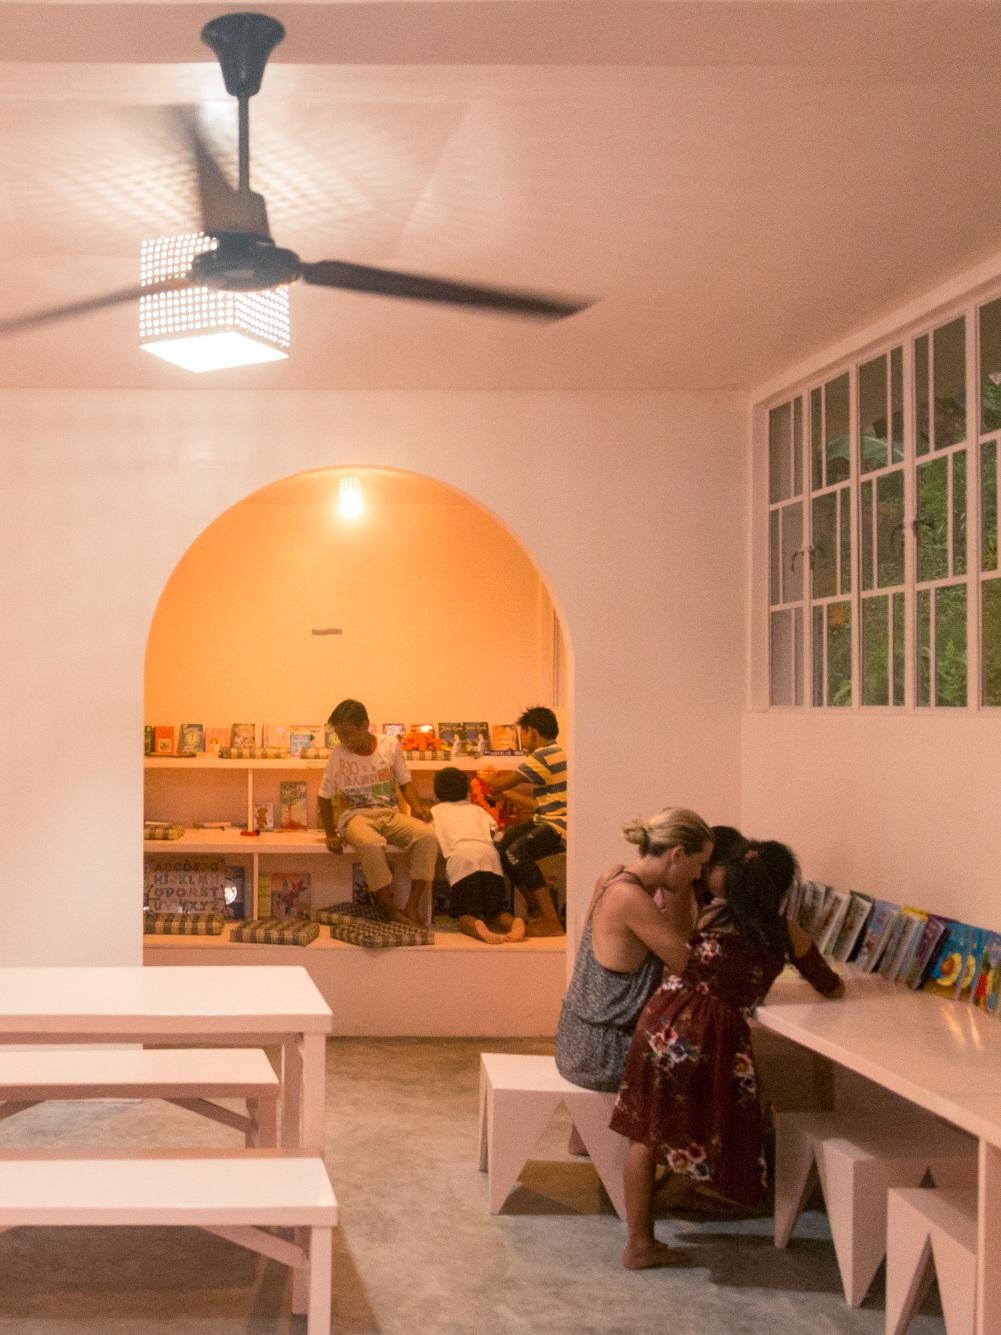 HVAD FÅR DU INDSIGT I UNDER FORDRAGET? - > Projekternes kontekst - hvilke mål og ambitioner har vi for fritidsordninger i Filippinerne? Hvordan har vi arbejdet med projektledelse og arkitektonisk design i to år i udsatte filippinske landdistrikter?> Den historiske og kulturelle kontekst Familiestrukturer, børnearbejde og det generelle liv i Filippinerne. Hvordan har årtiers kolonisering haft indflydelse på samfundet som det er idag?> Den politiske kontekst - hvordan har vi etableret et tæt samarbejde med en lokal kommune og på egen hånd skaffet over en halv million kroner til funding af vores projekter?